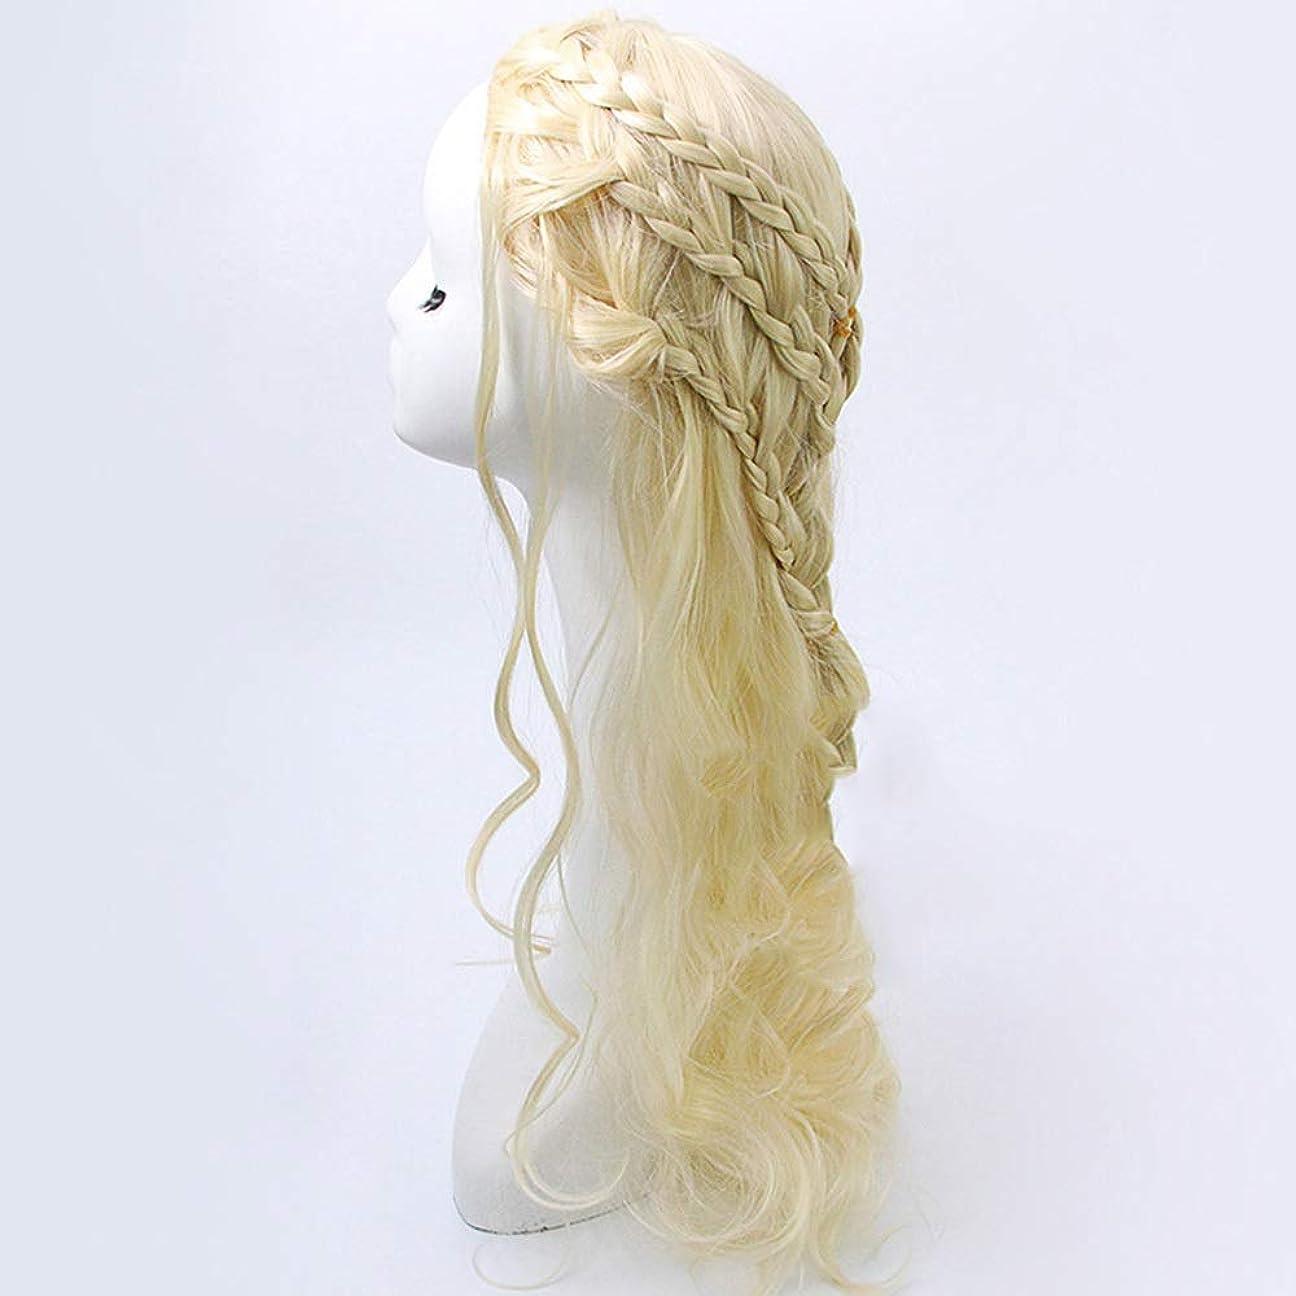 爬虫類ボトルネック涙WASAIO ブロンドのかつらライト前髪自然に見える長い巻き毛のかつら65 cm (色 : Blonde)